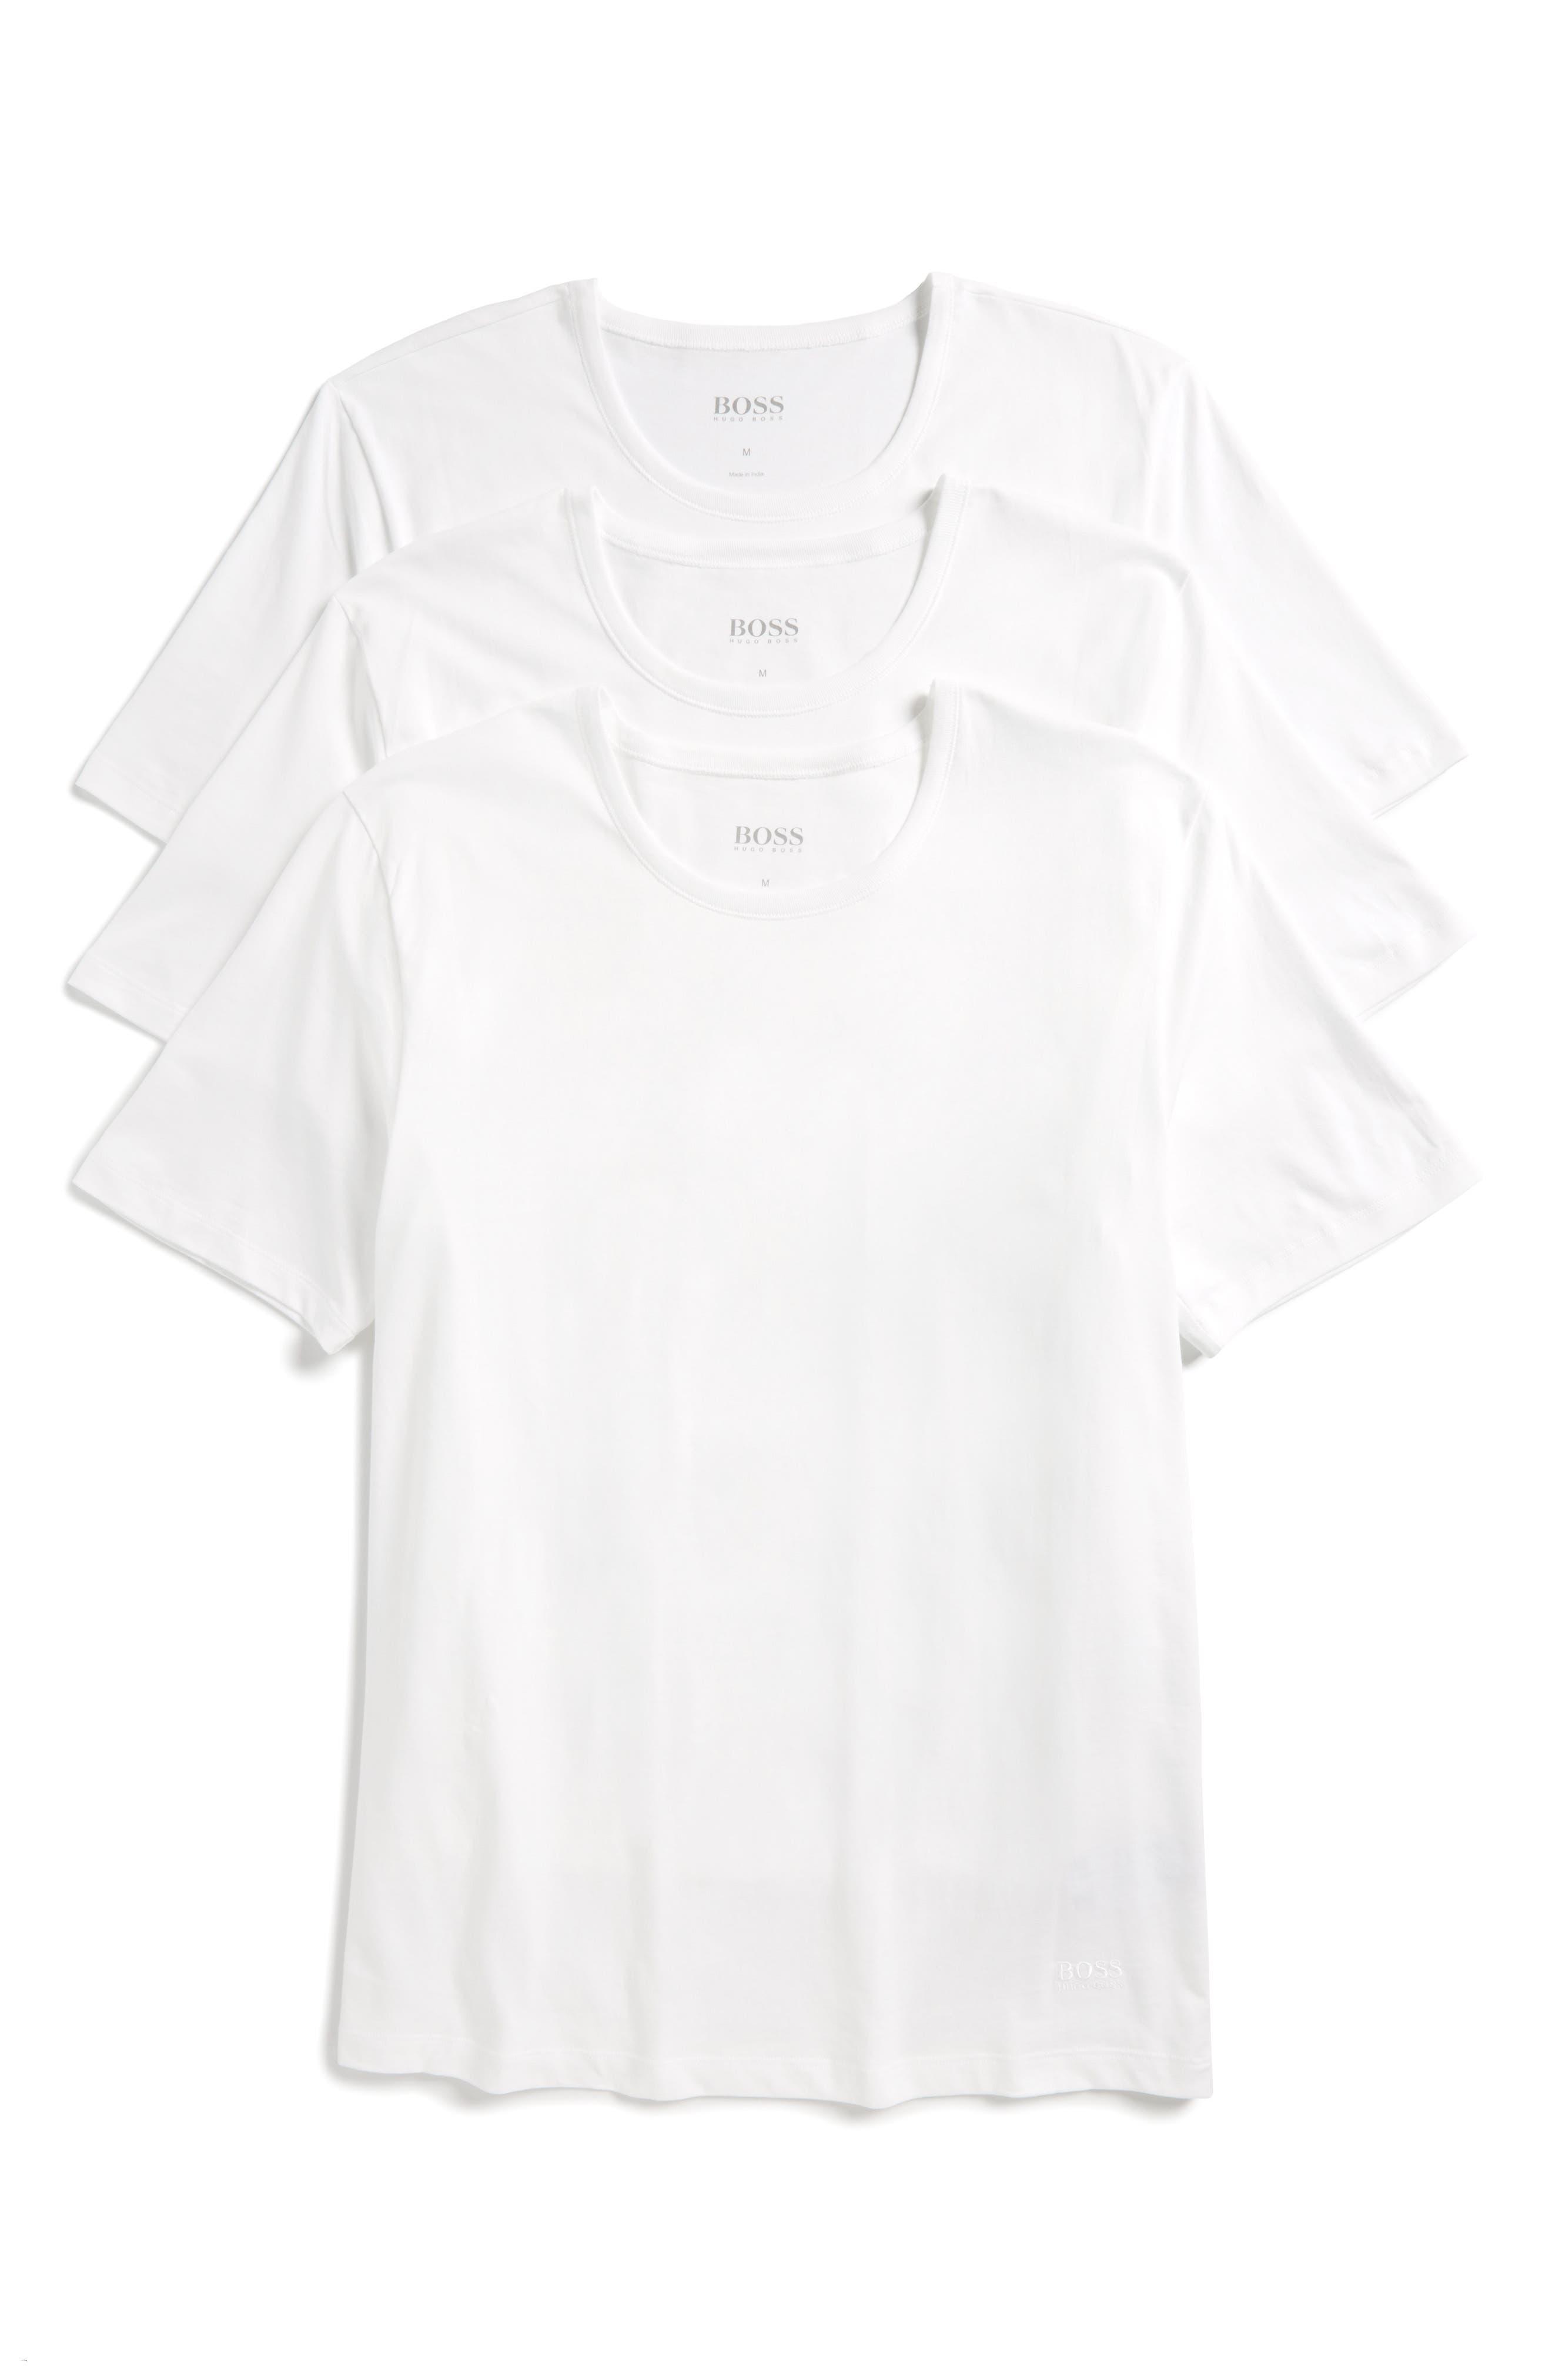 3-Pack Crewneck Cotton T-Shirt,                             Main thumbnail 1, color,                             WHITE